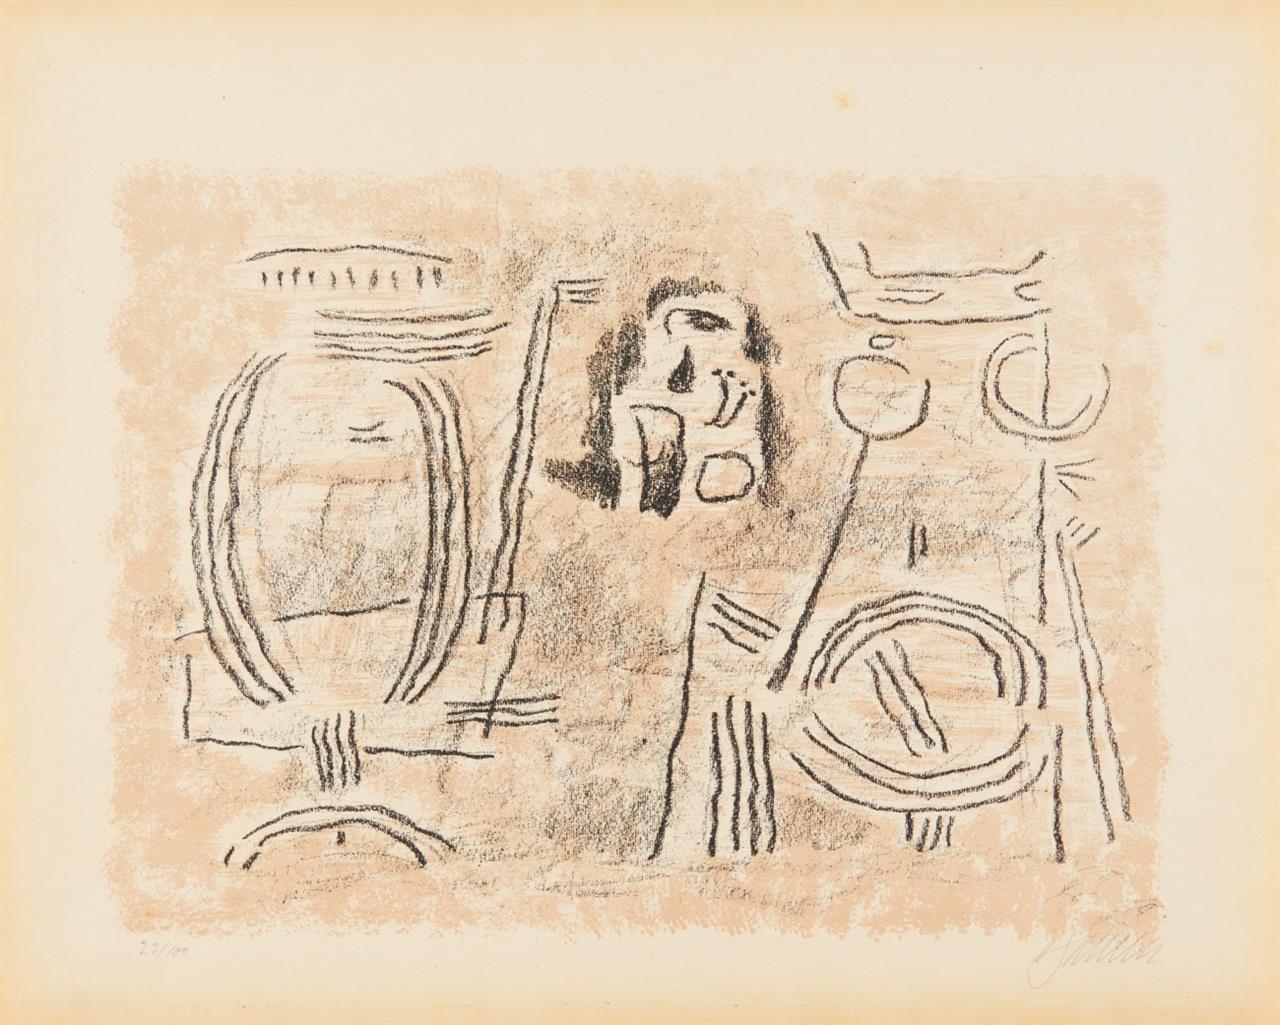 W. Baumeister, Sumerische Legenden. Folge von 10 Lithographien. Stuttgart 1947. - Ex. 22/100.